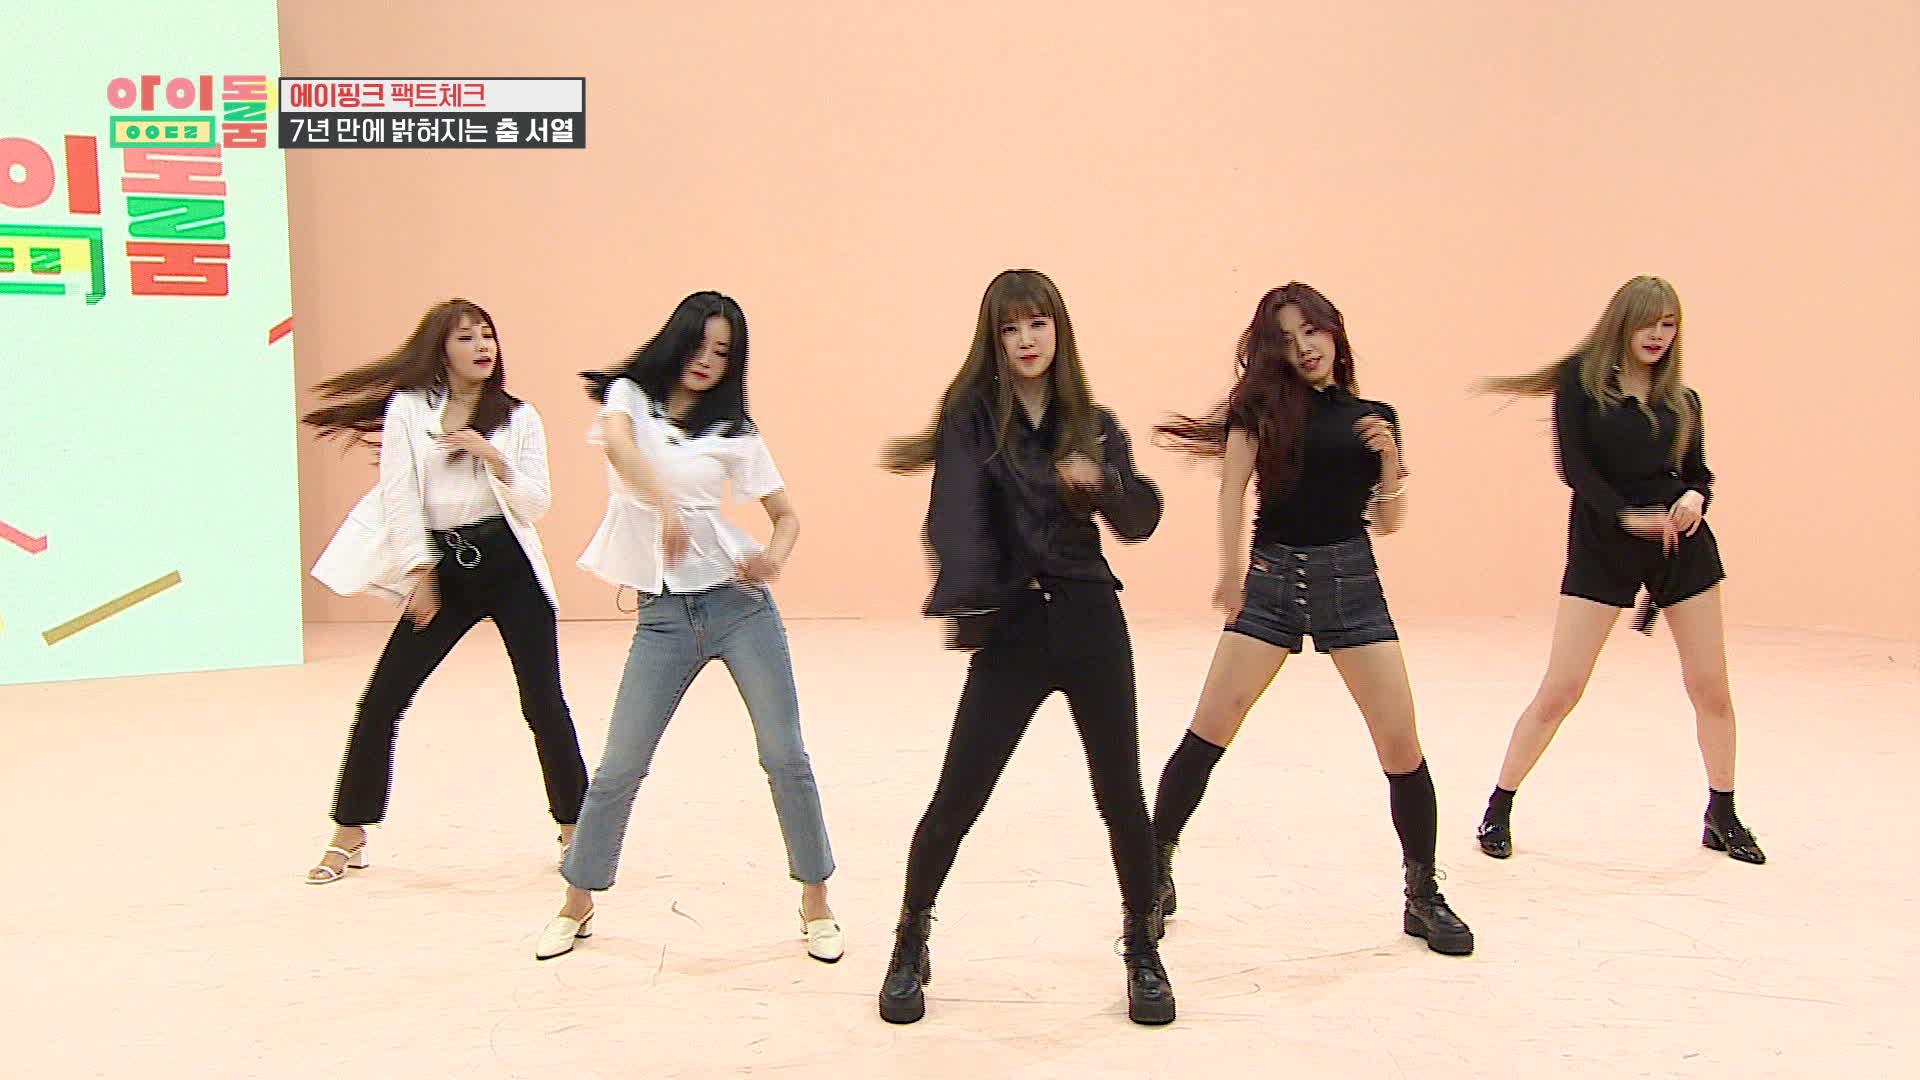 아이돌룸(IDOL ROOM) - 7년만에 밝혀지는 에이핑크 춤 서열!